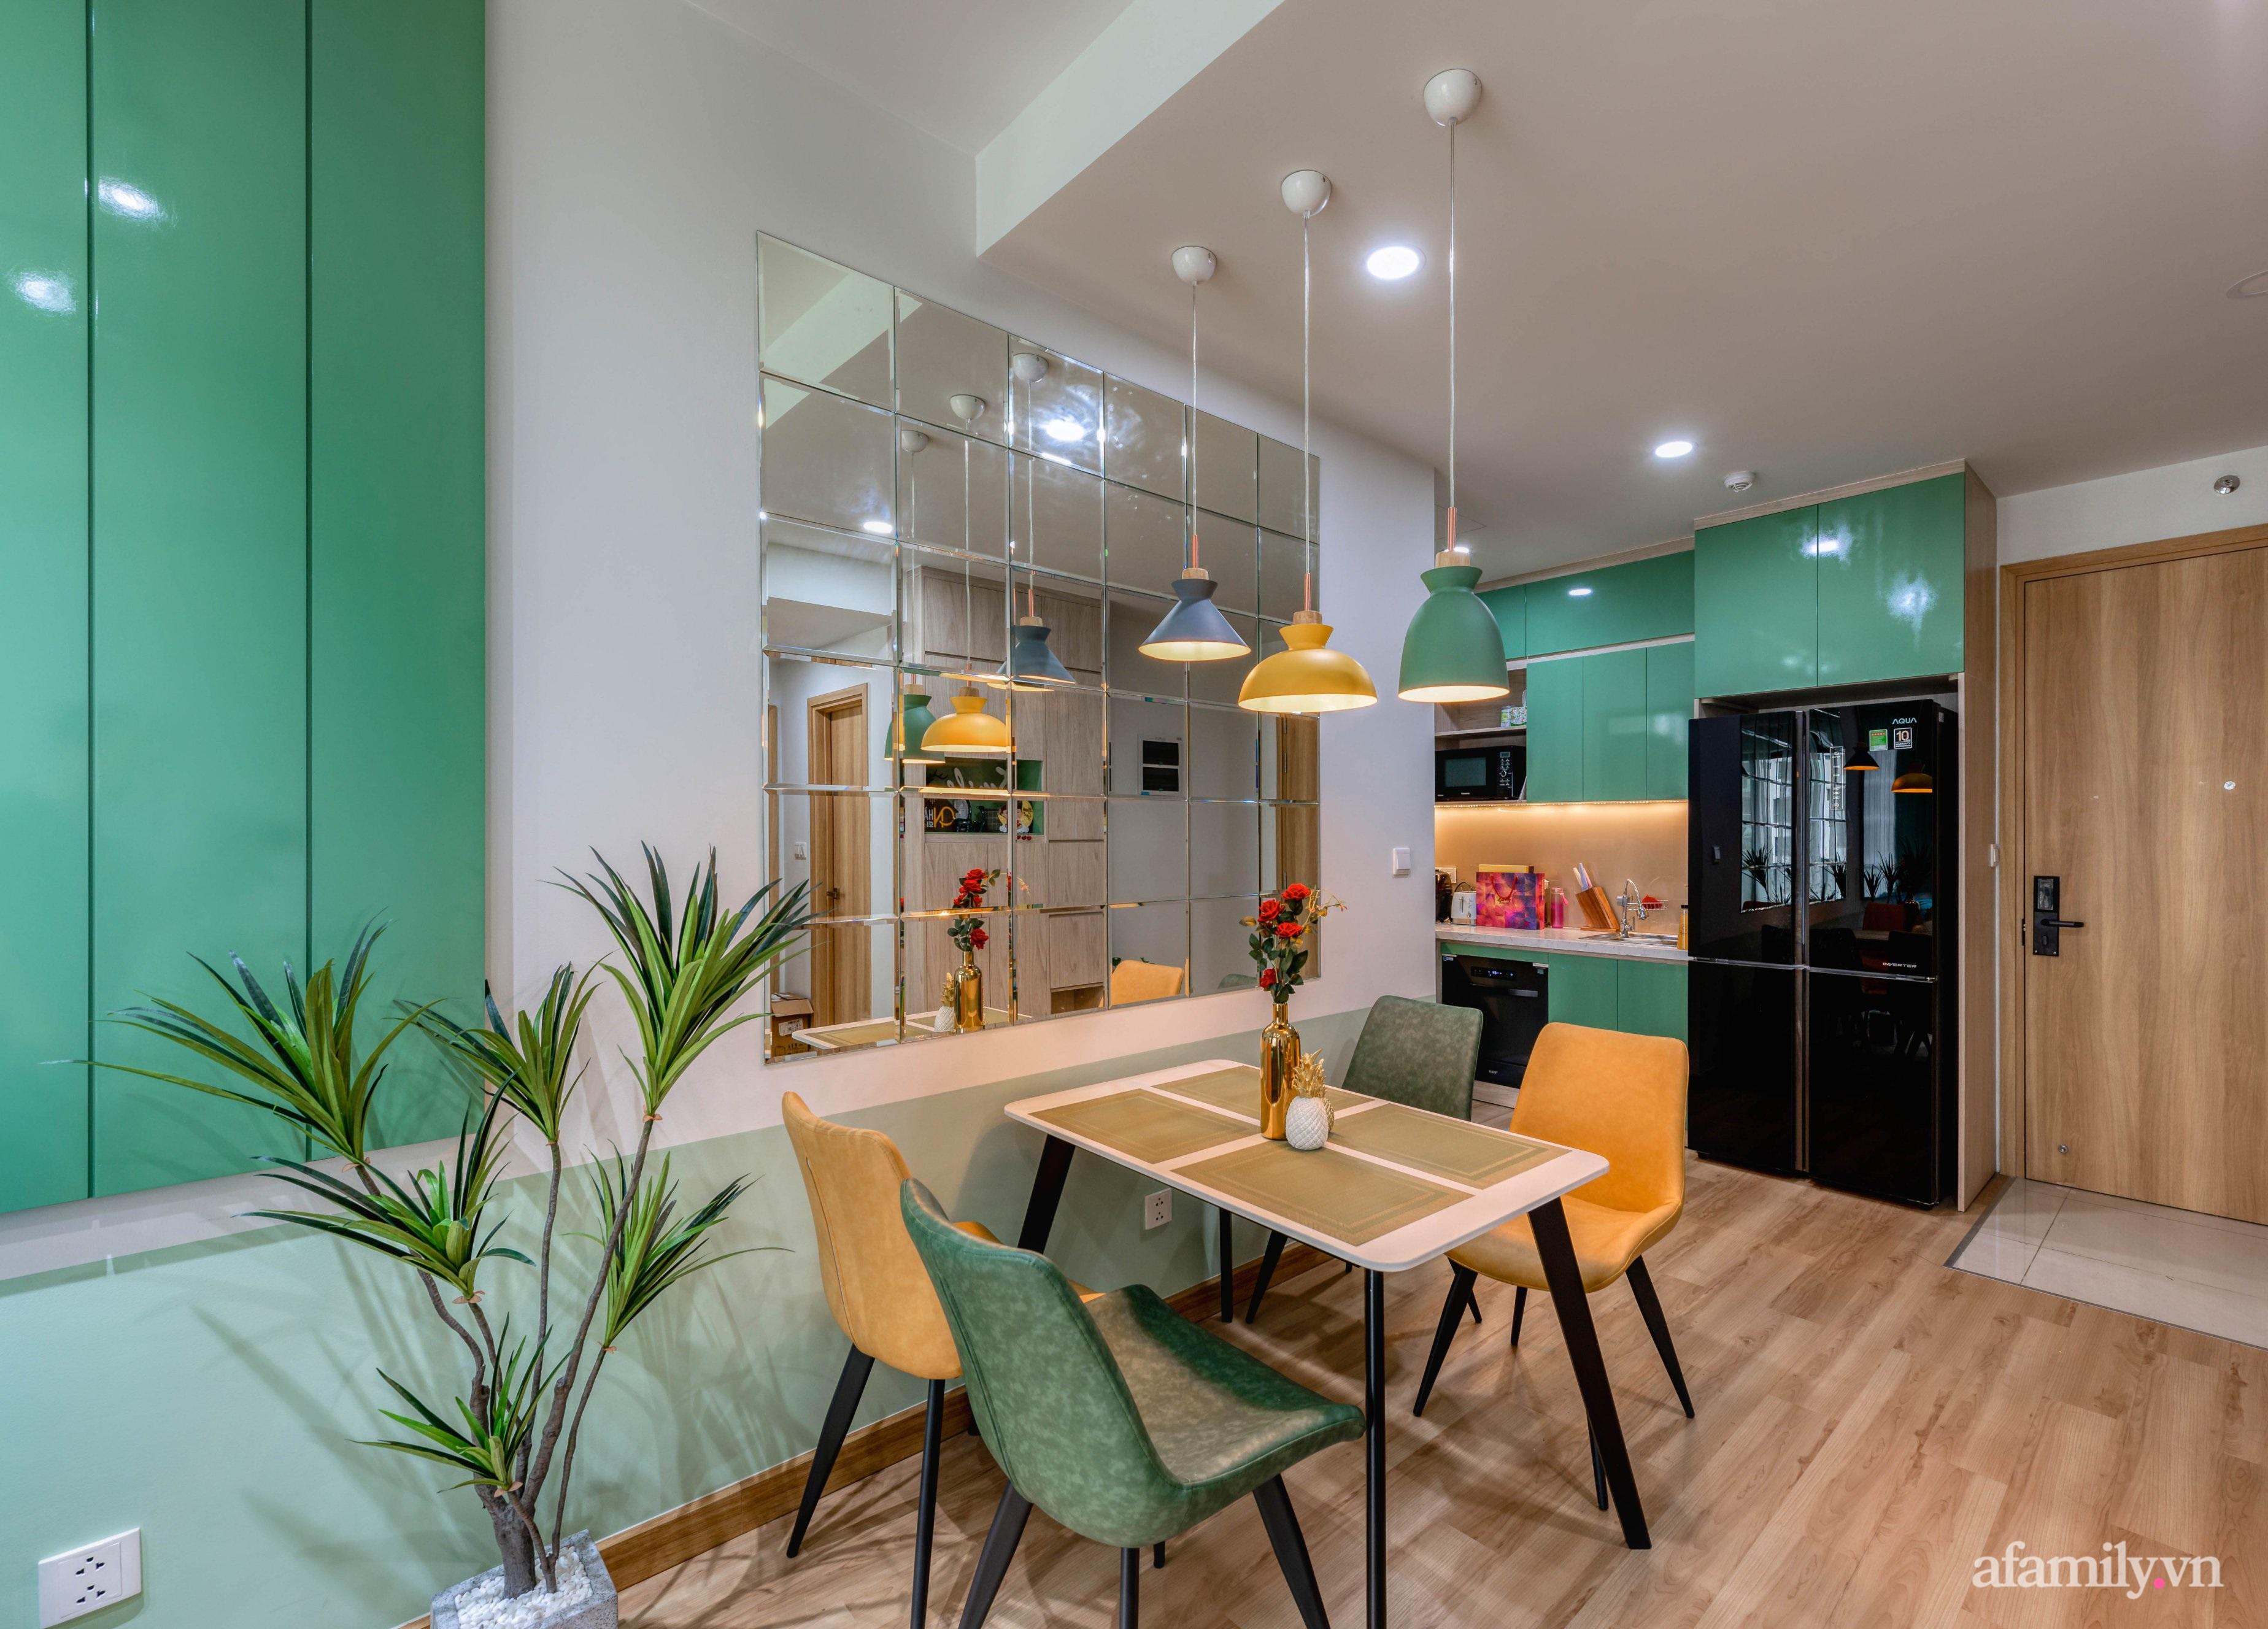 Căn hộ 69m² tạo dấu ấn đặc biệt với phong cách Tropical có chi phí thi công 180 triệu đồng ở Sài Gòn - Ảnh 9.